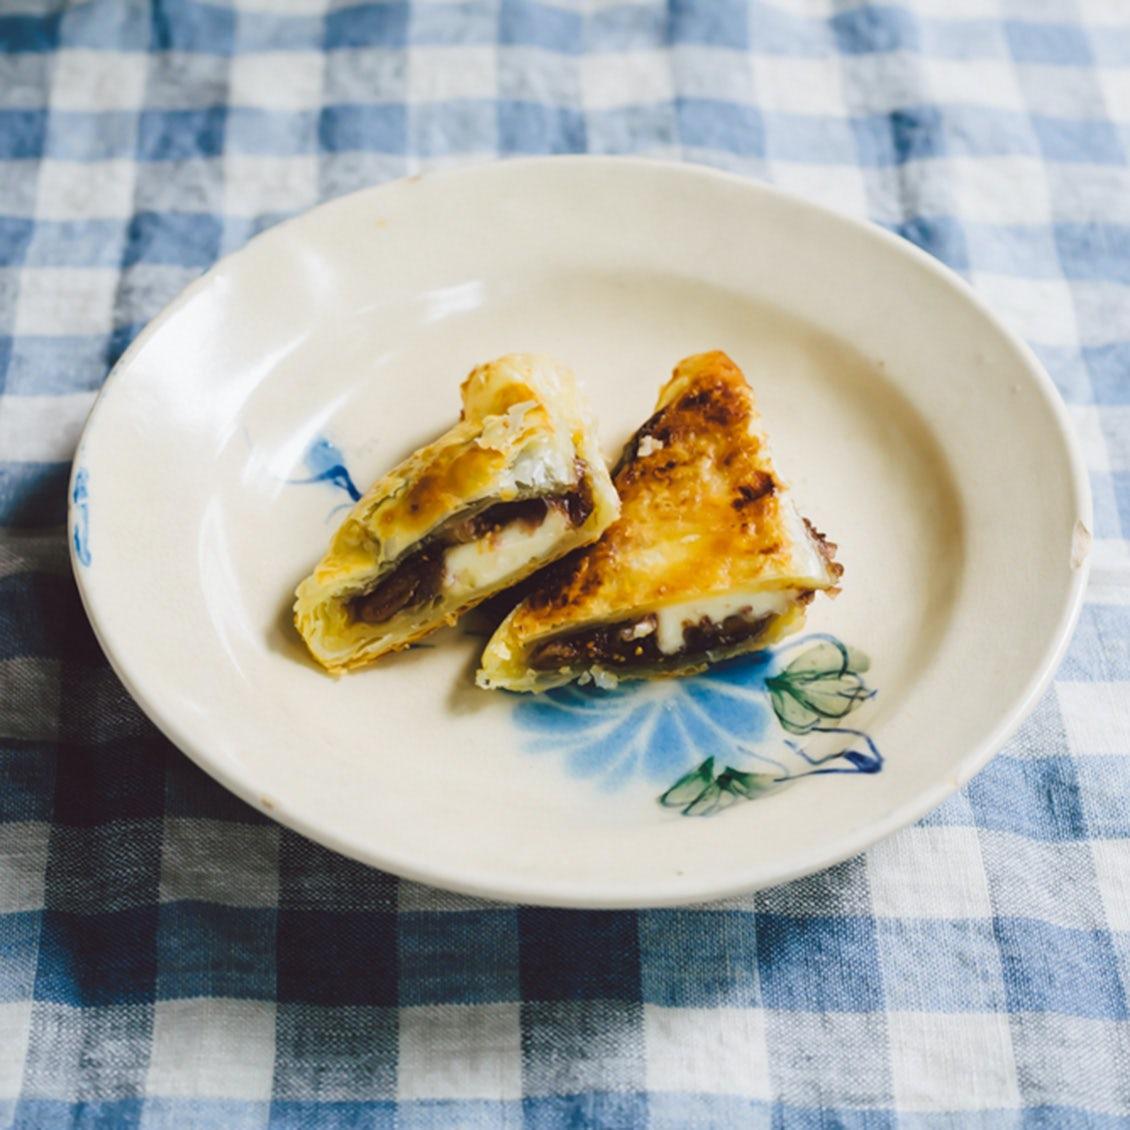 【今日はパイ日和】第3話 : イチジクの酸味がたまらない、あんことクリームチーズのパイ